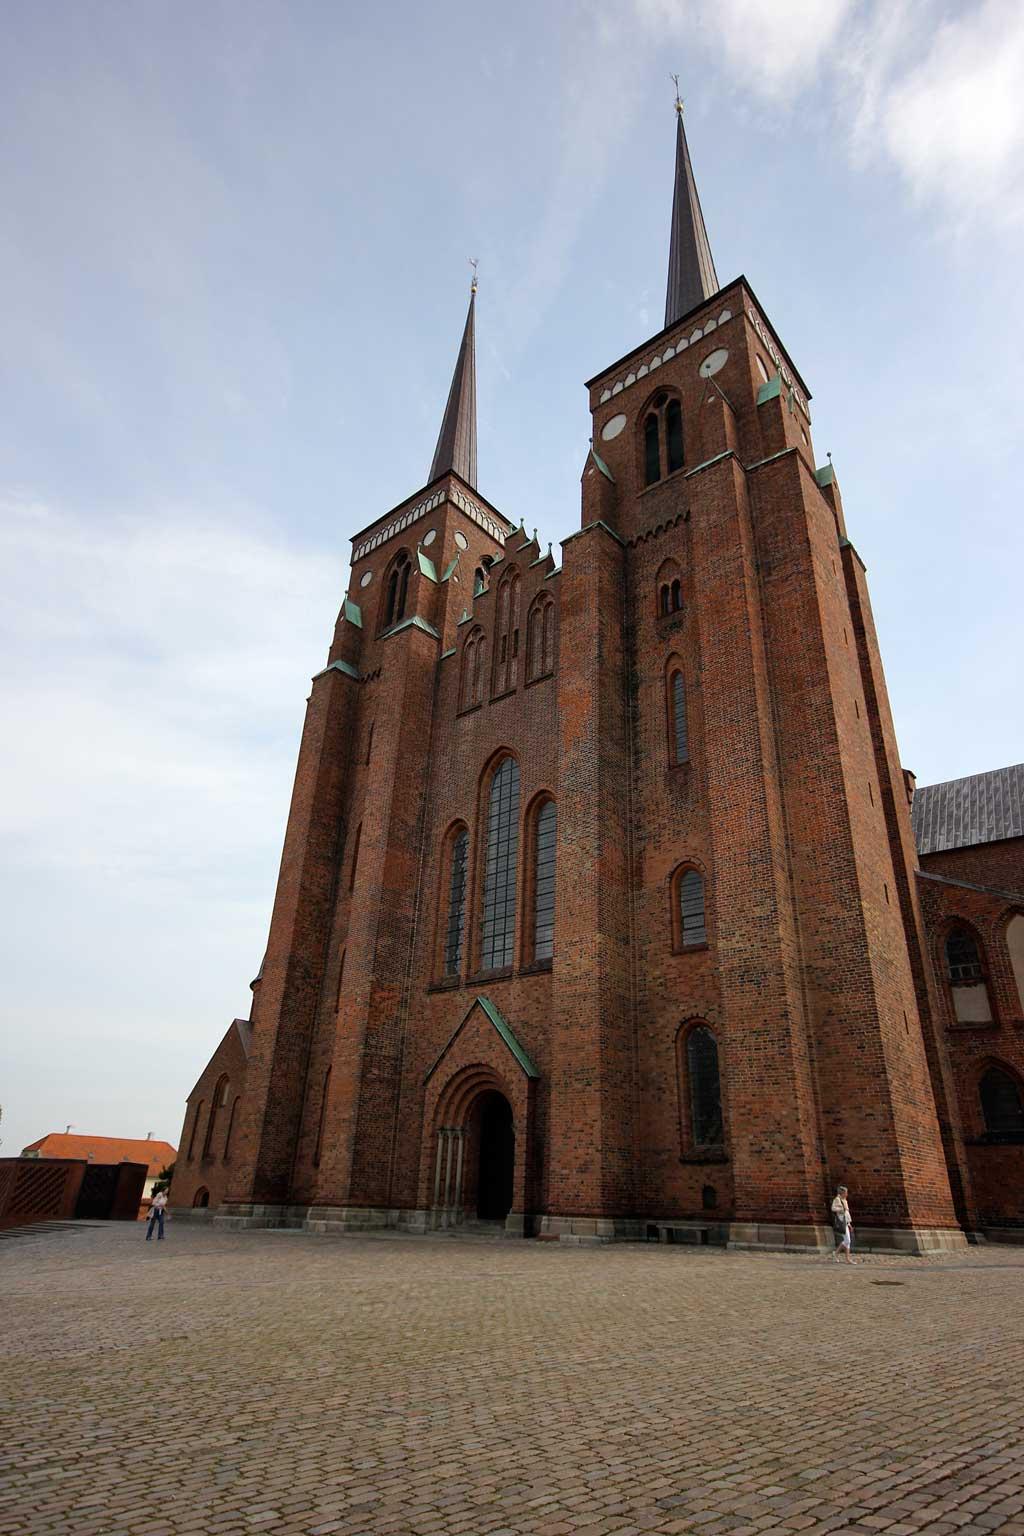 8 siècles d'histoire du Danemark dans la Cathédrale de Roskilde